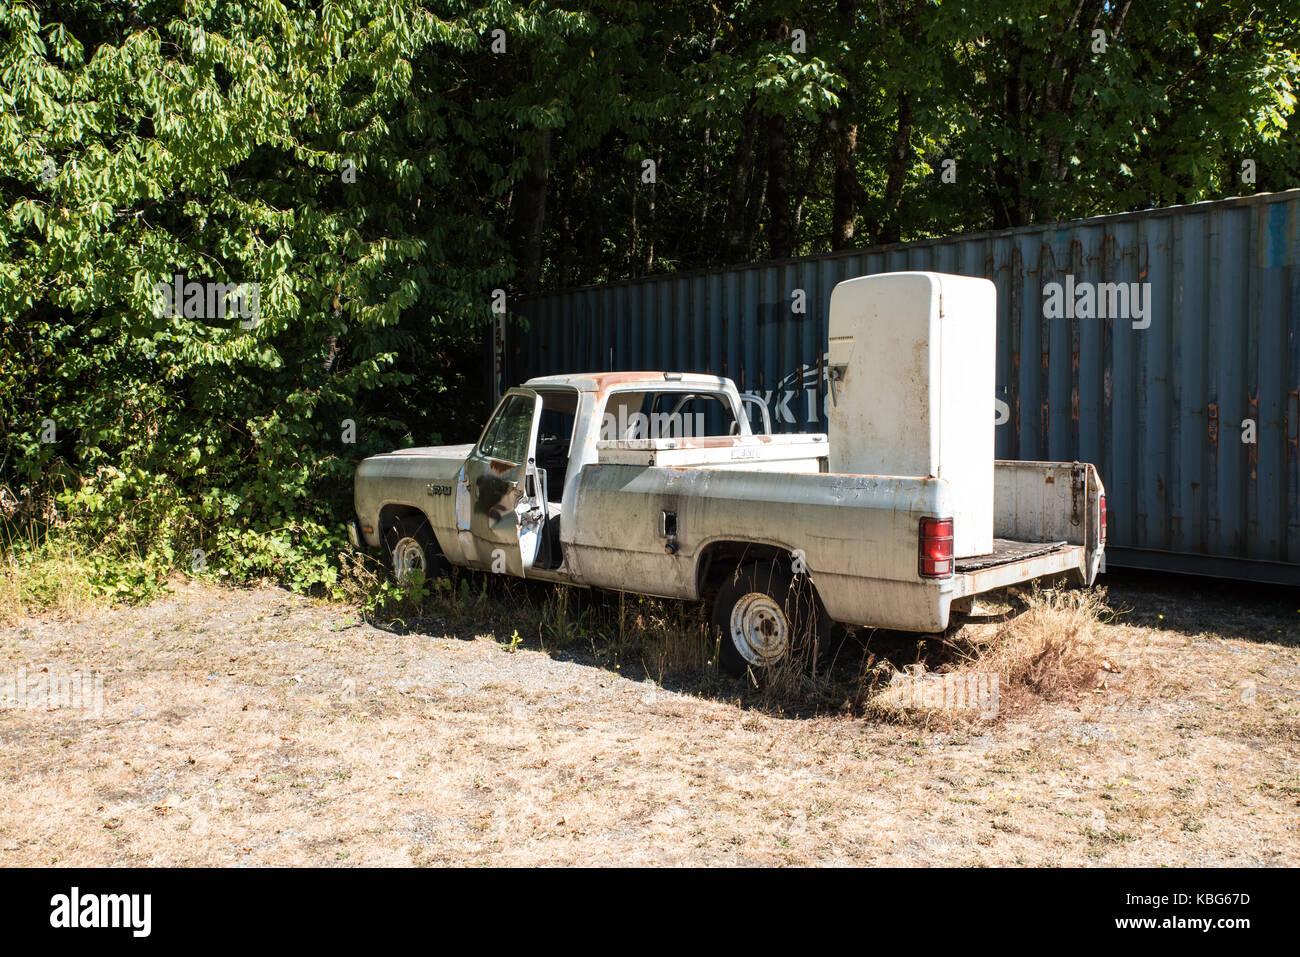 Lieferung Lkw funktioniert nicht - ein sehr gut gebrauchte Behälter ...